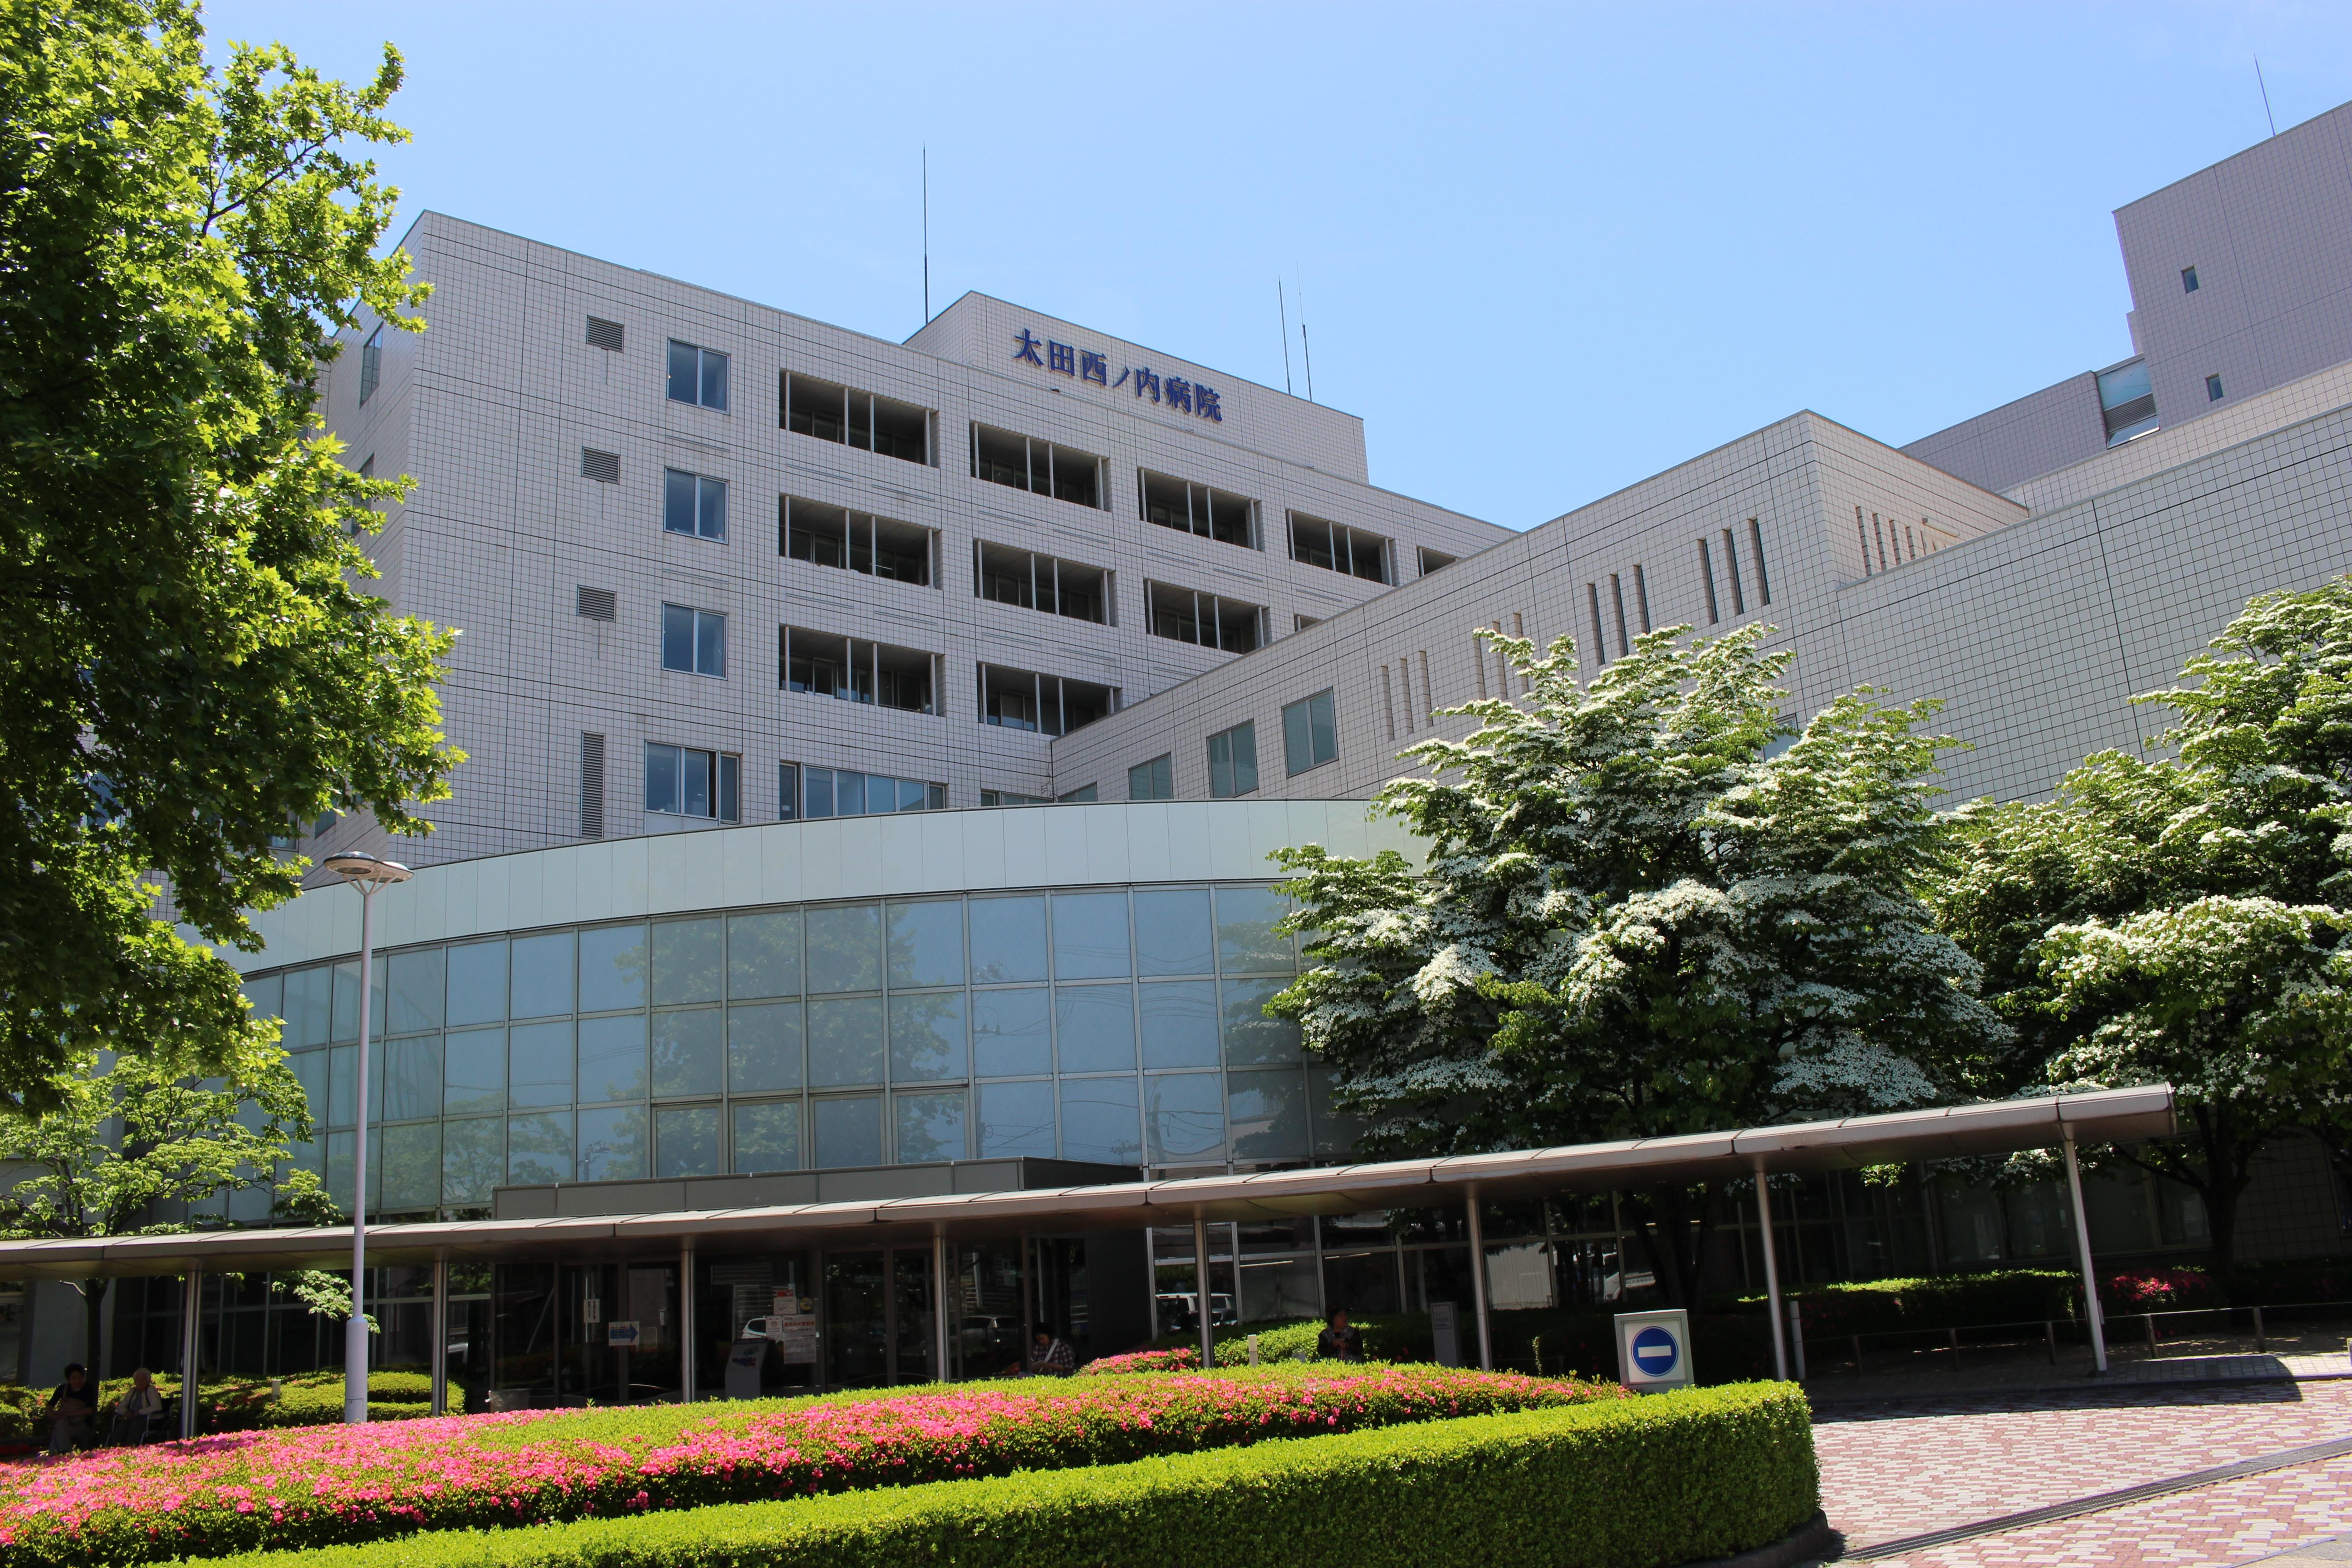 太田 西ノ内 病院